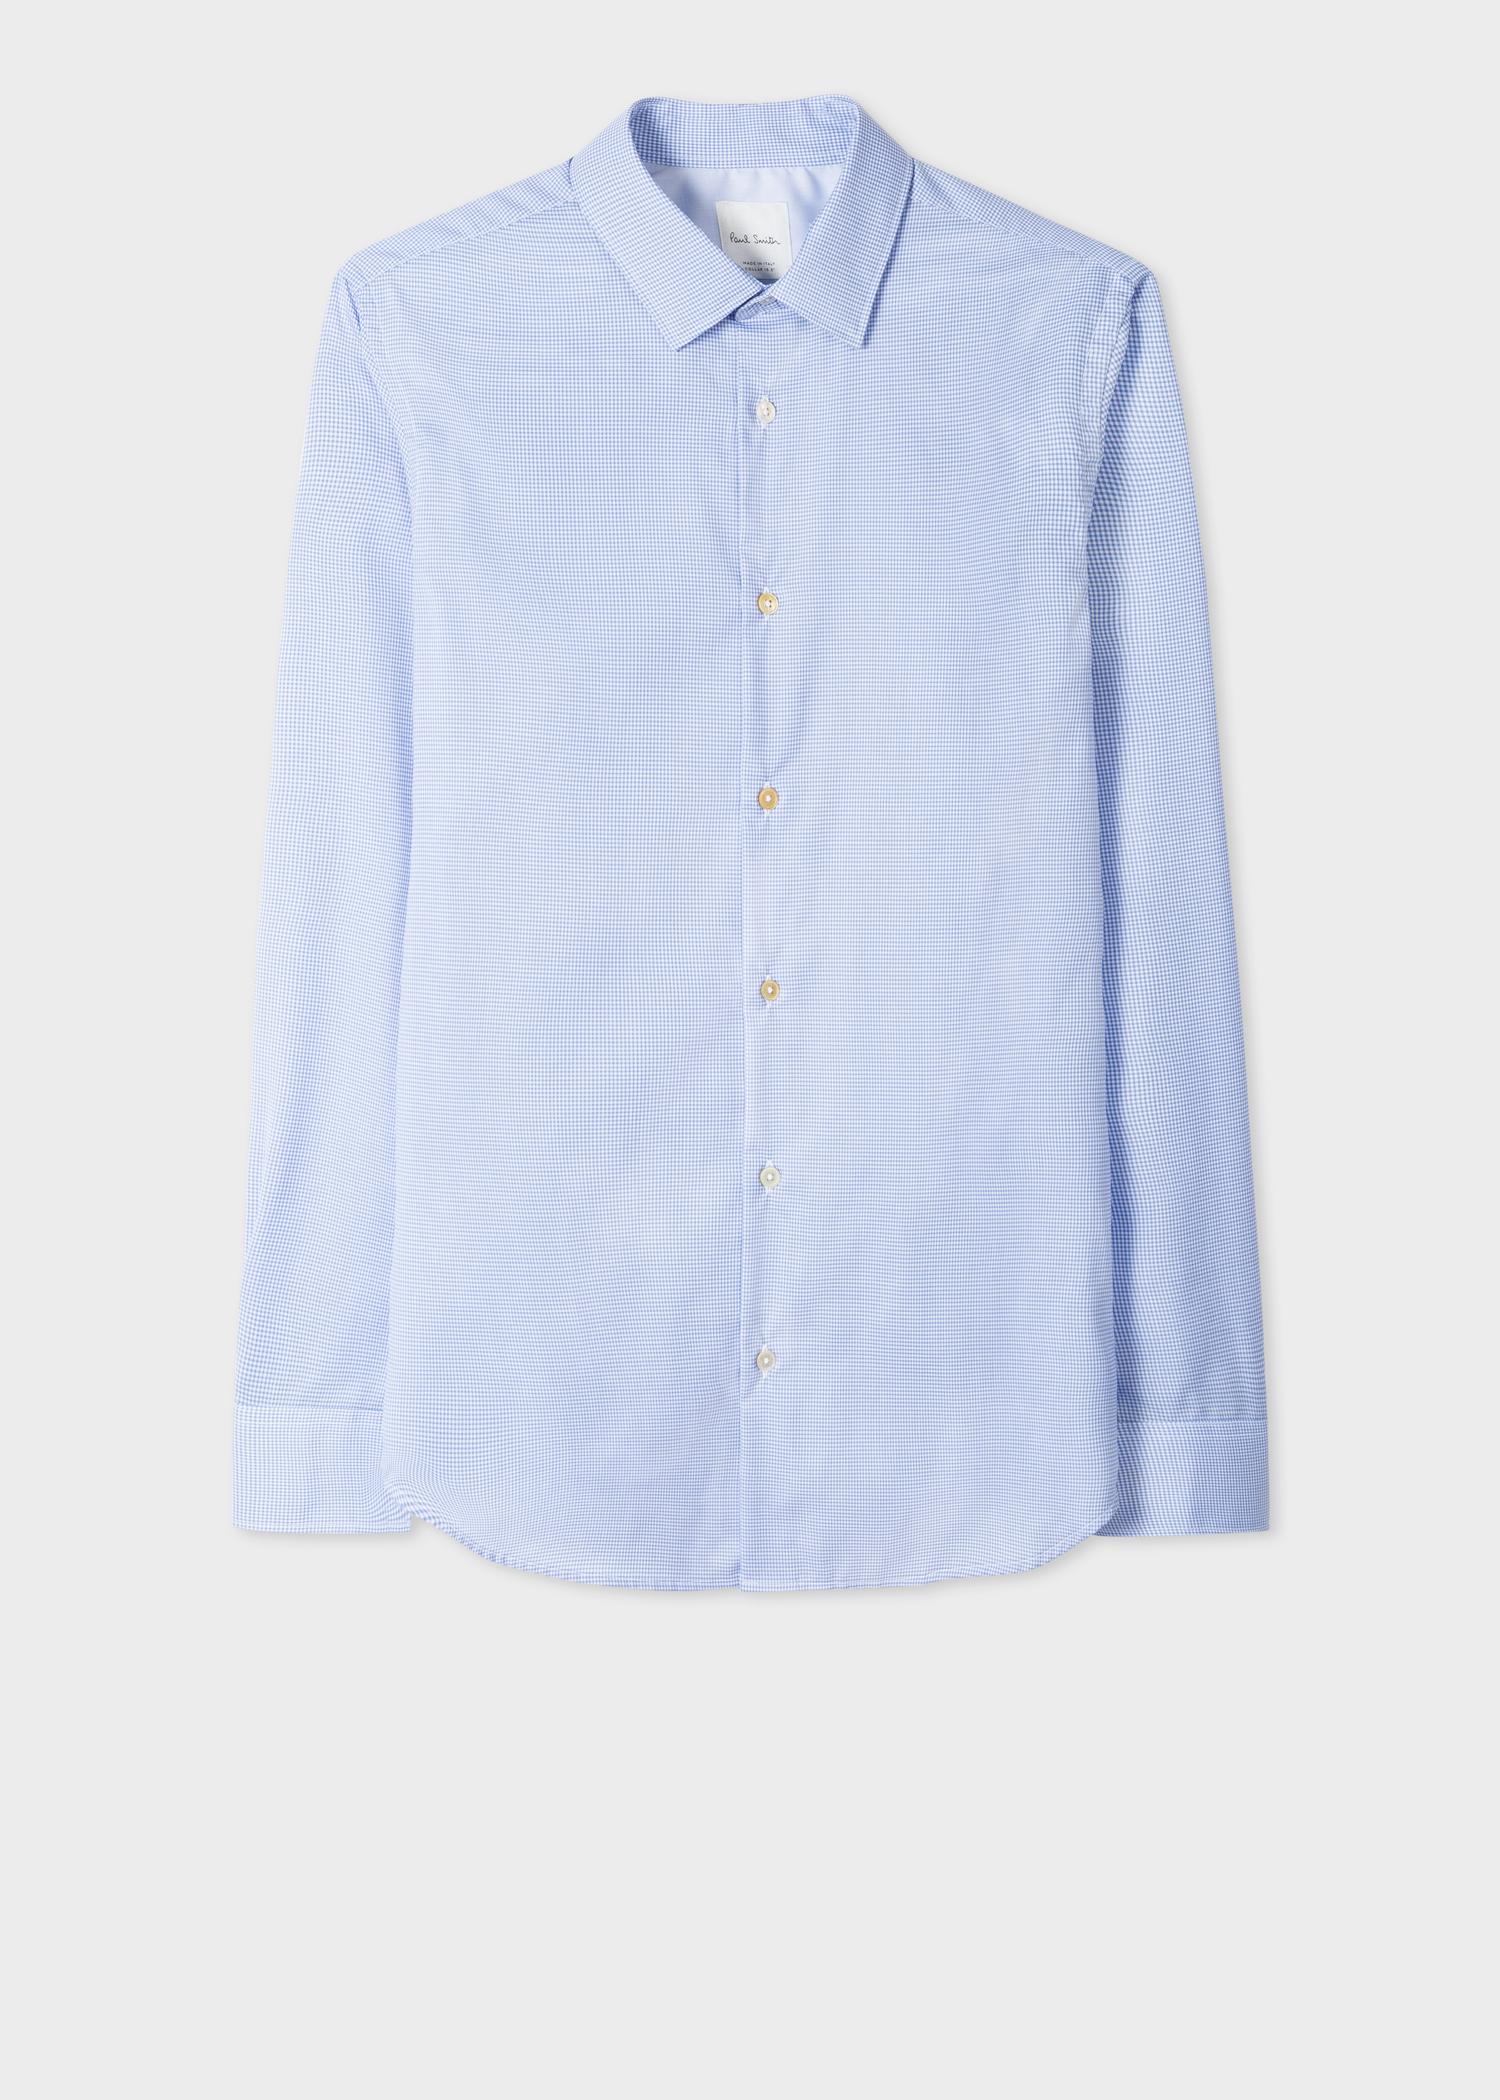 y contraste algodón de con puño Tailored blanco color para Fit a Camisa azul cuadros de de de en Tailored hombre algodón UTOW8R